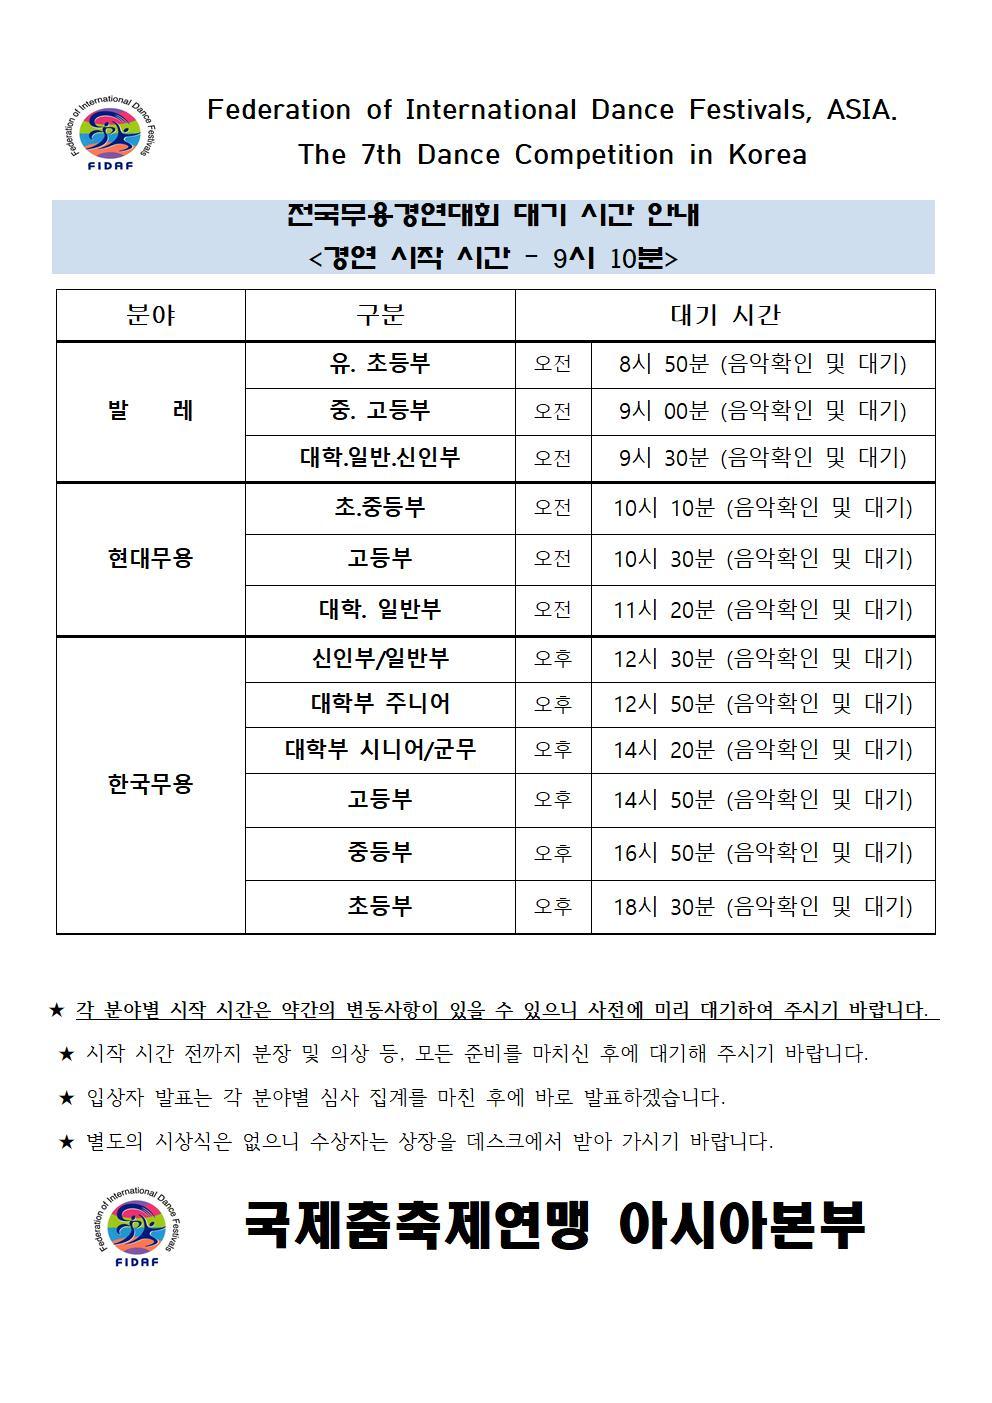 제7회 전국무용경연대회 대기시간.JPG